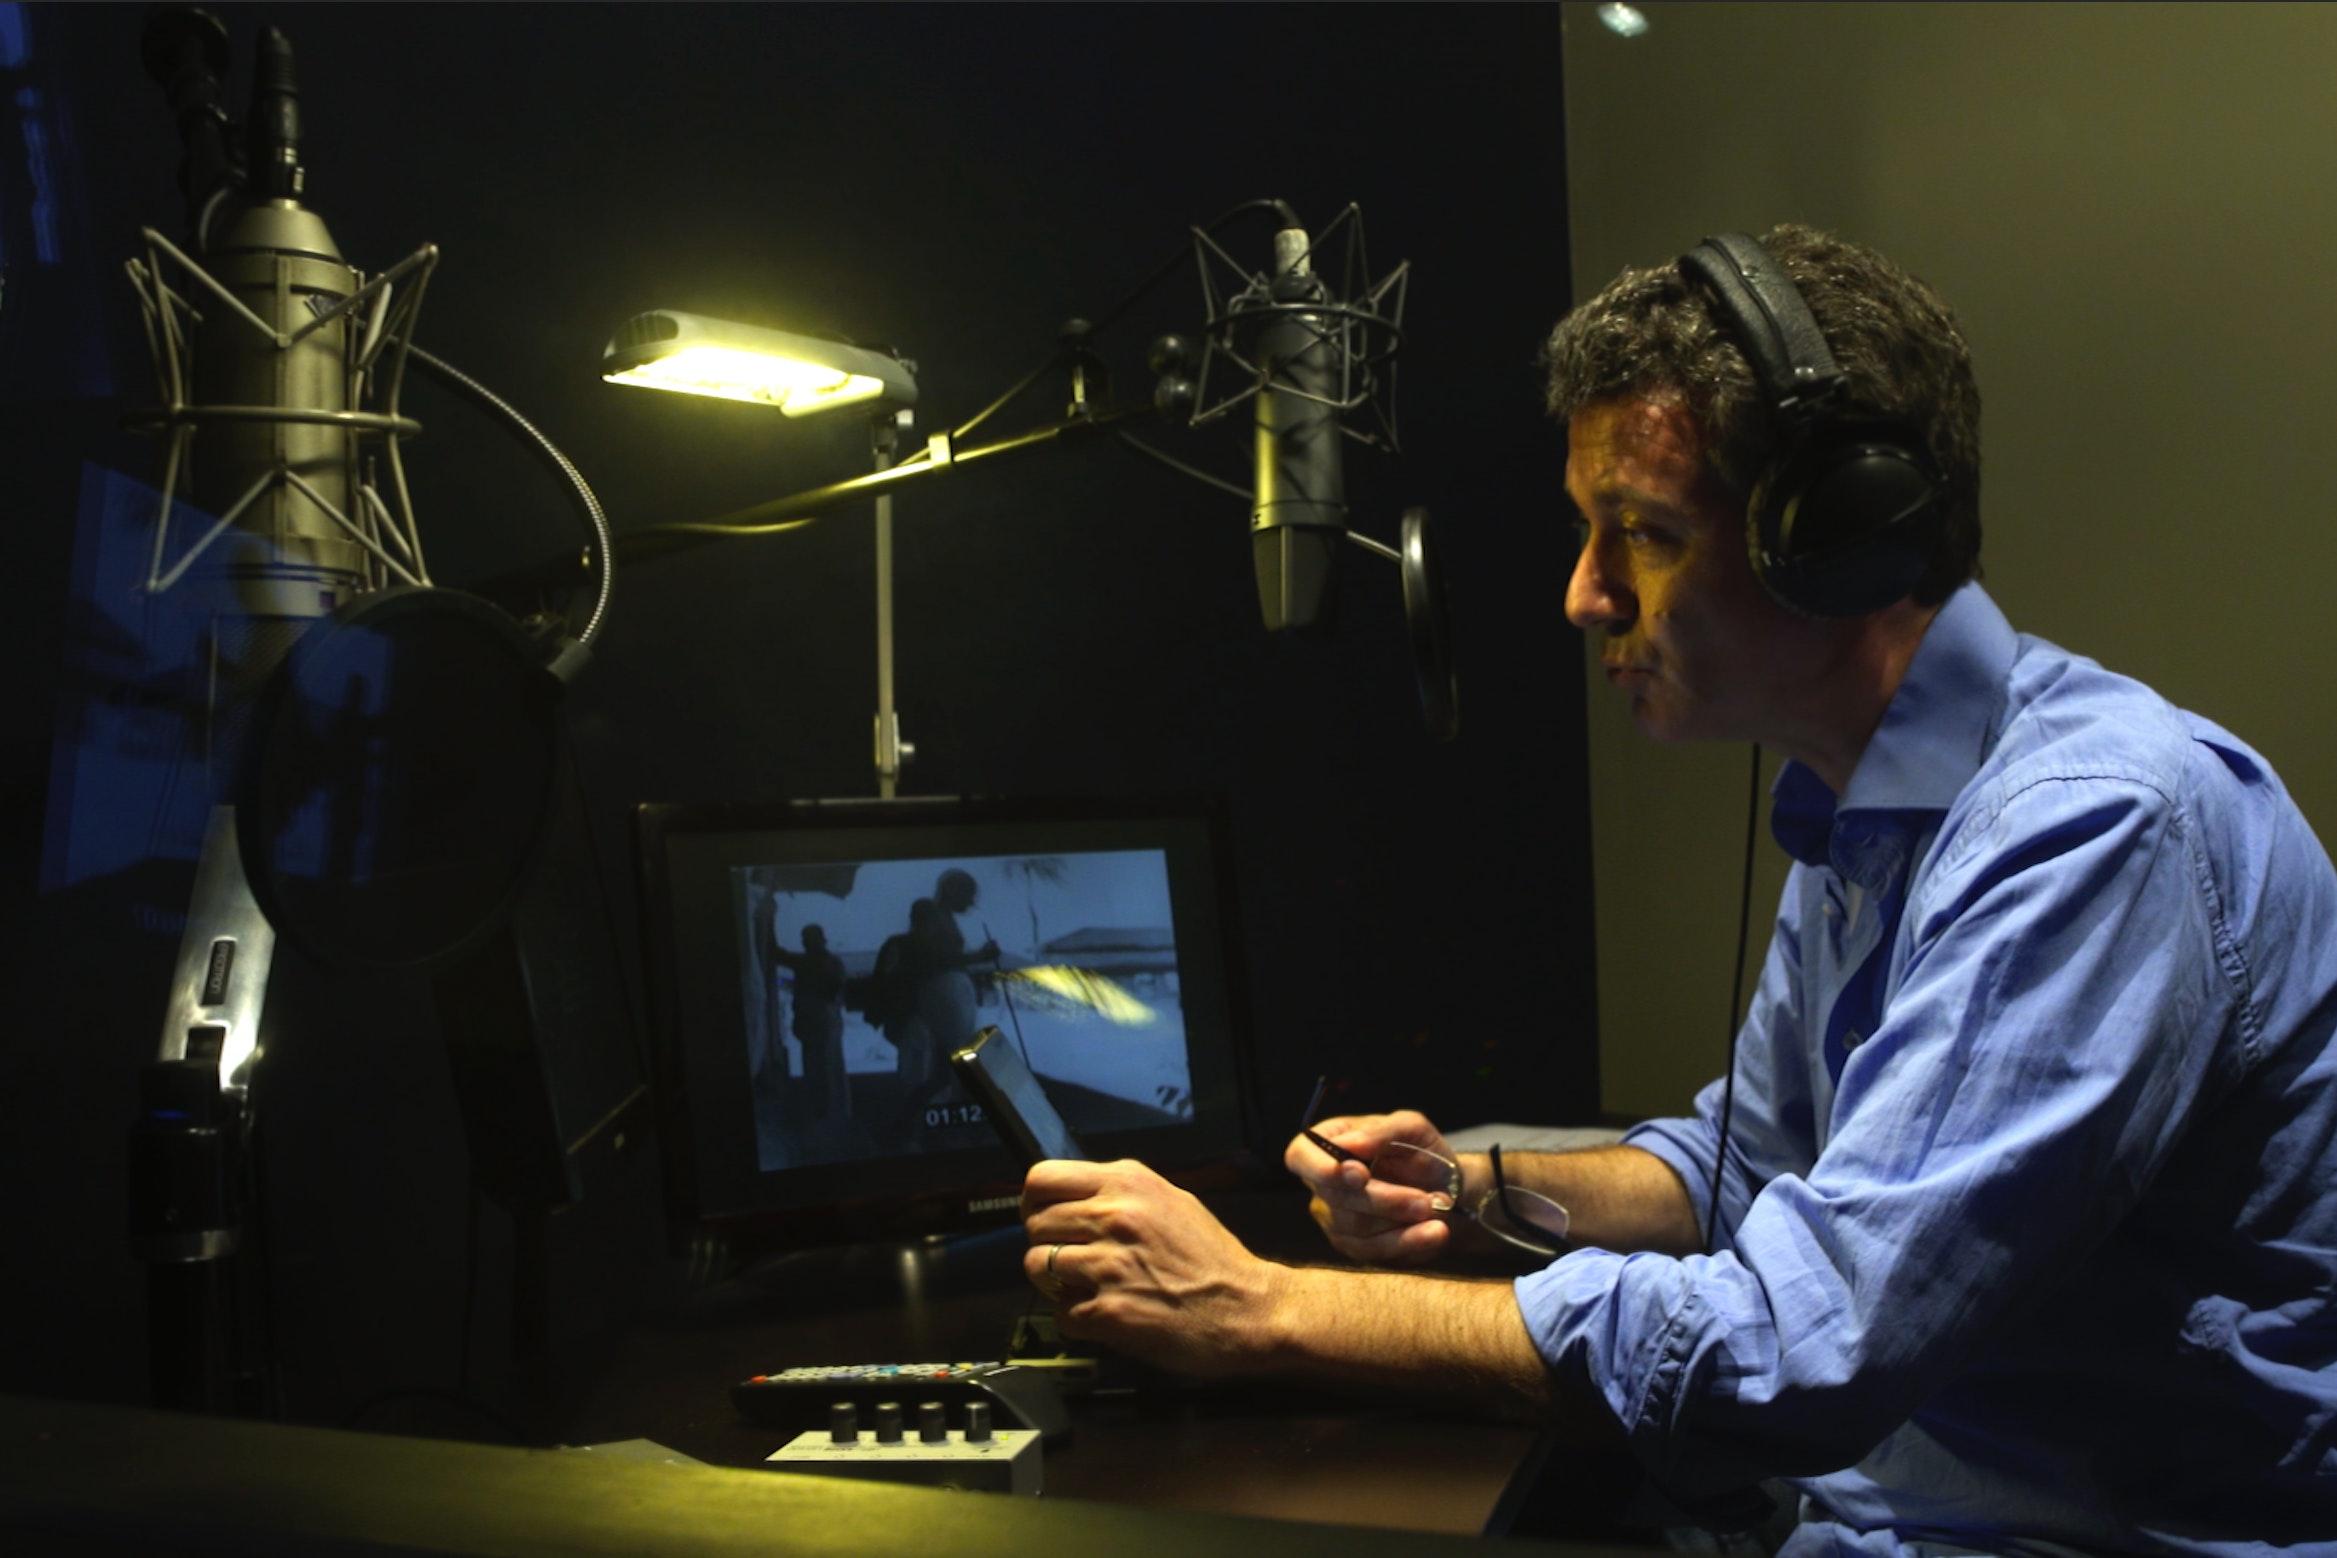 Comédien pendant séance de doublage d'enregistrement de voix off dans cabine avec microphone